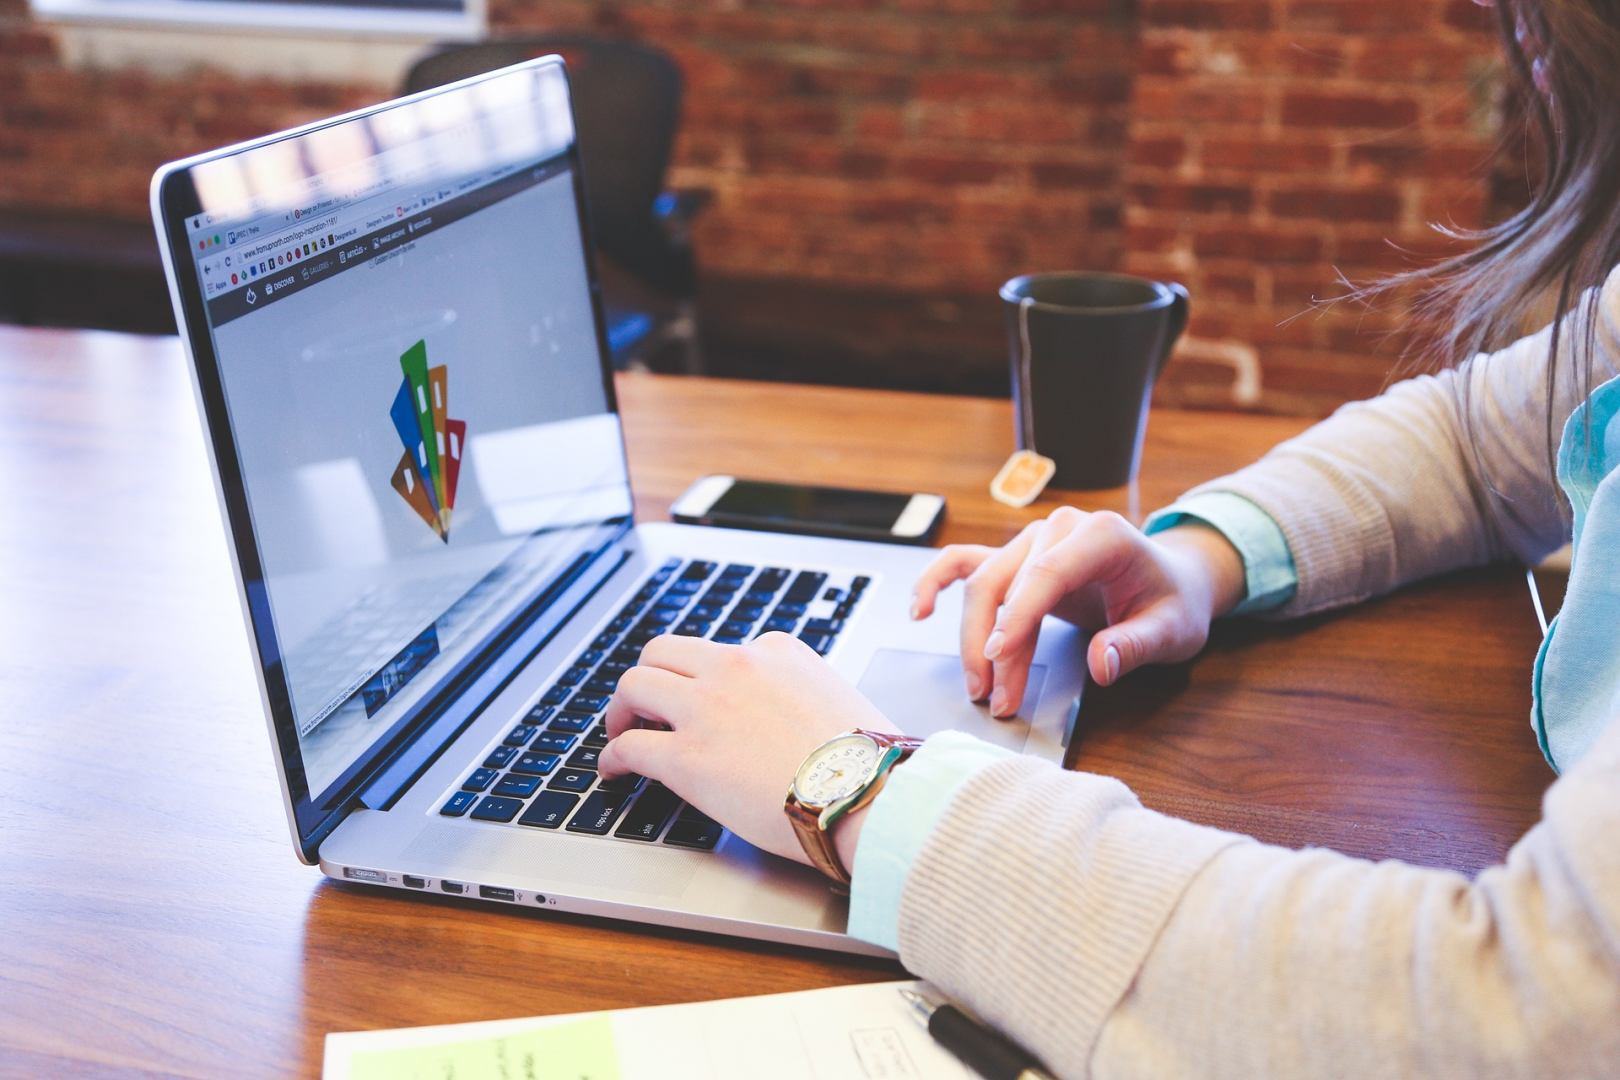 Profitez des vacances pour créer vos visuels d'agence à l'aide d'outils en ligne gratuits.